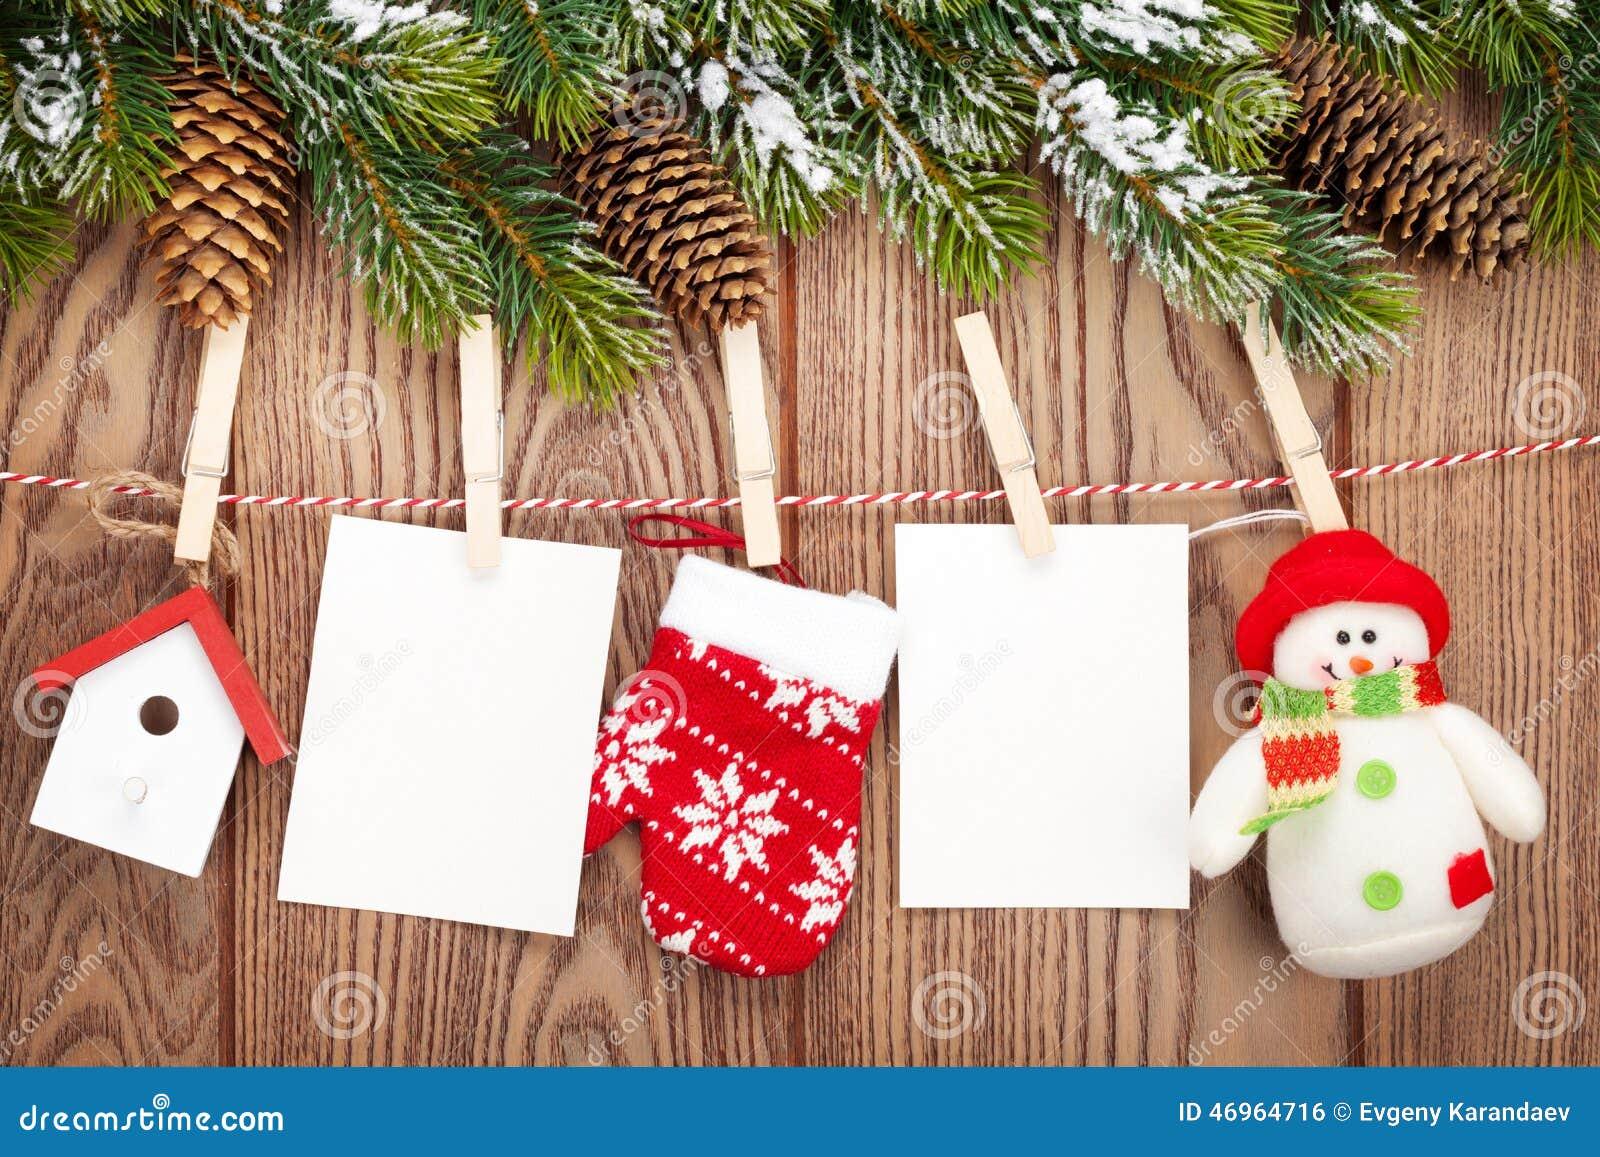 Schneetannenbaum, Fotorahmen Und Weihnachtsdekor Auf Seil über Rus ...